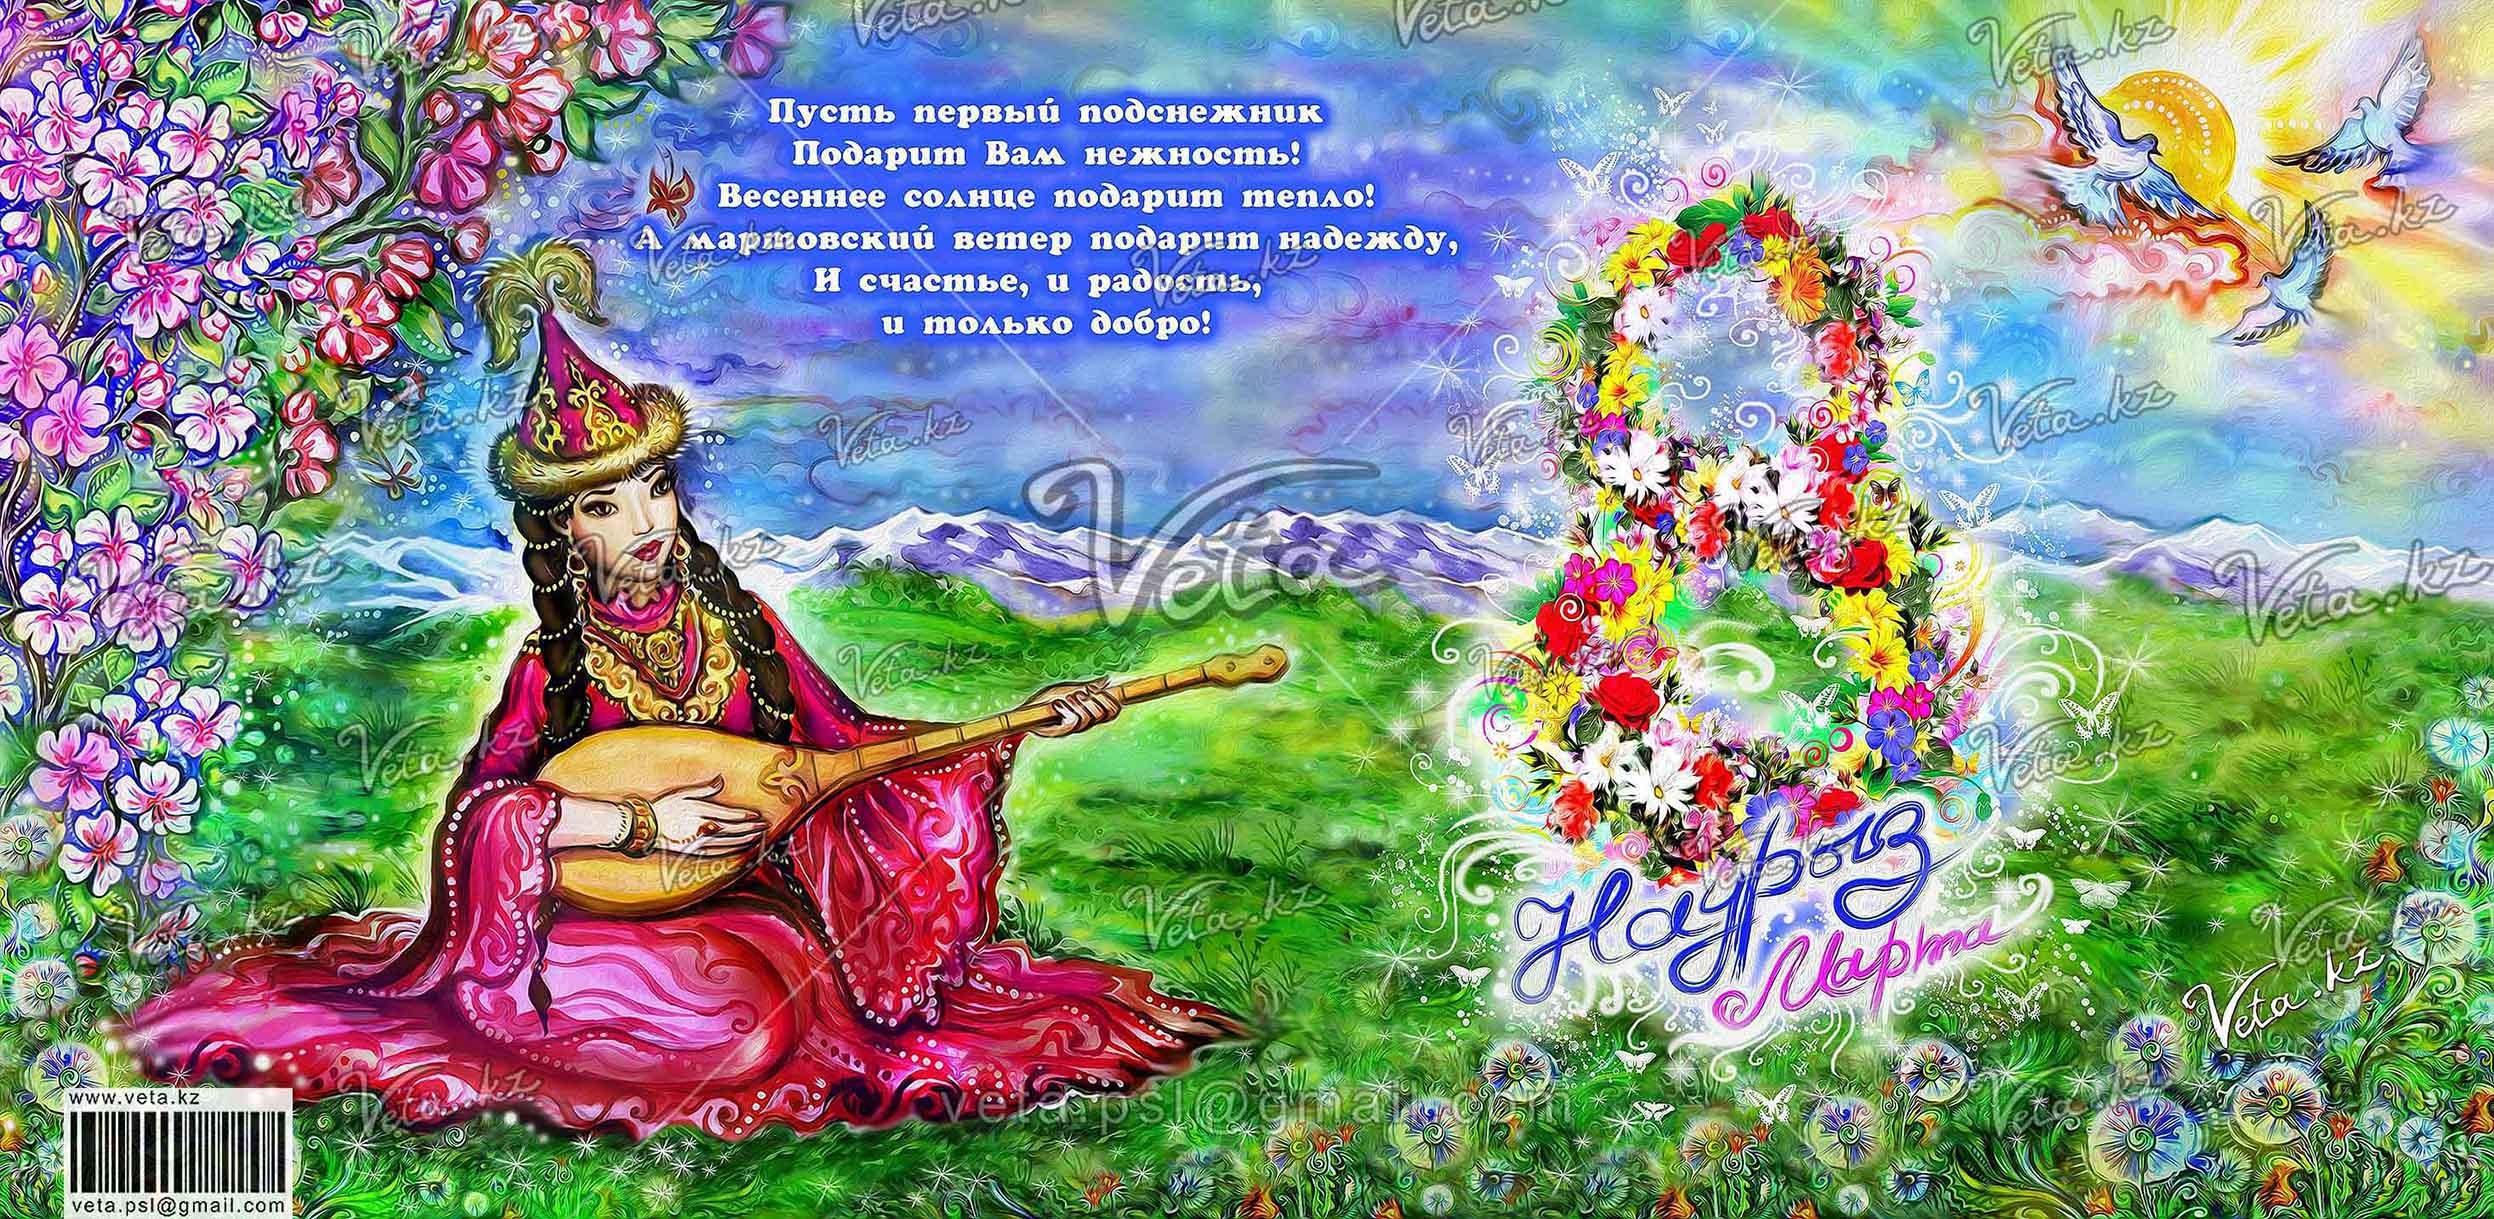 Казахские праздники и поздравления на них на казахском